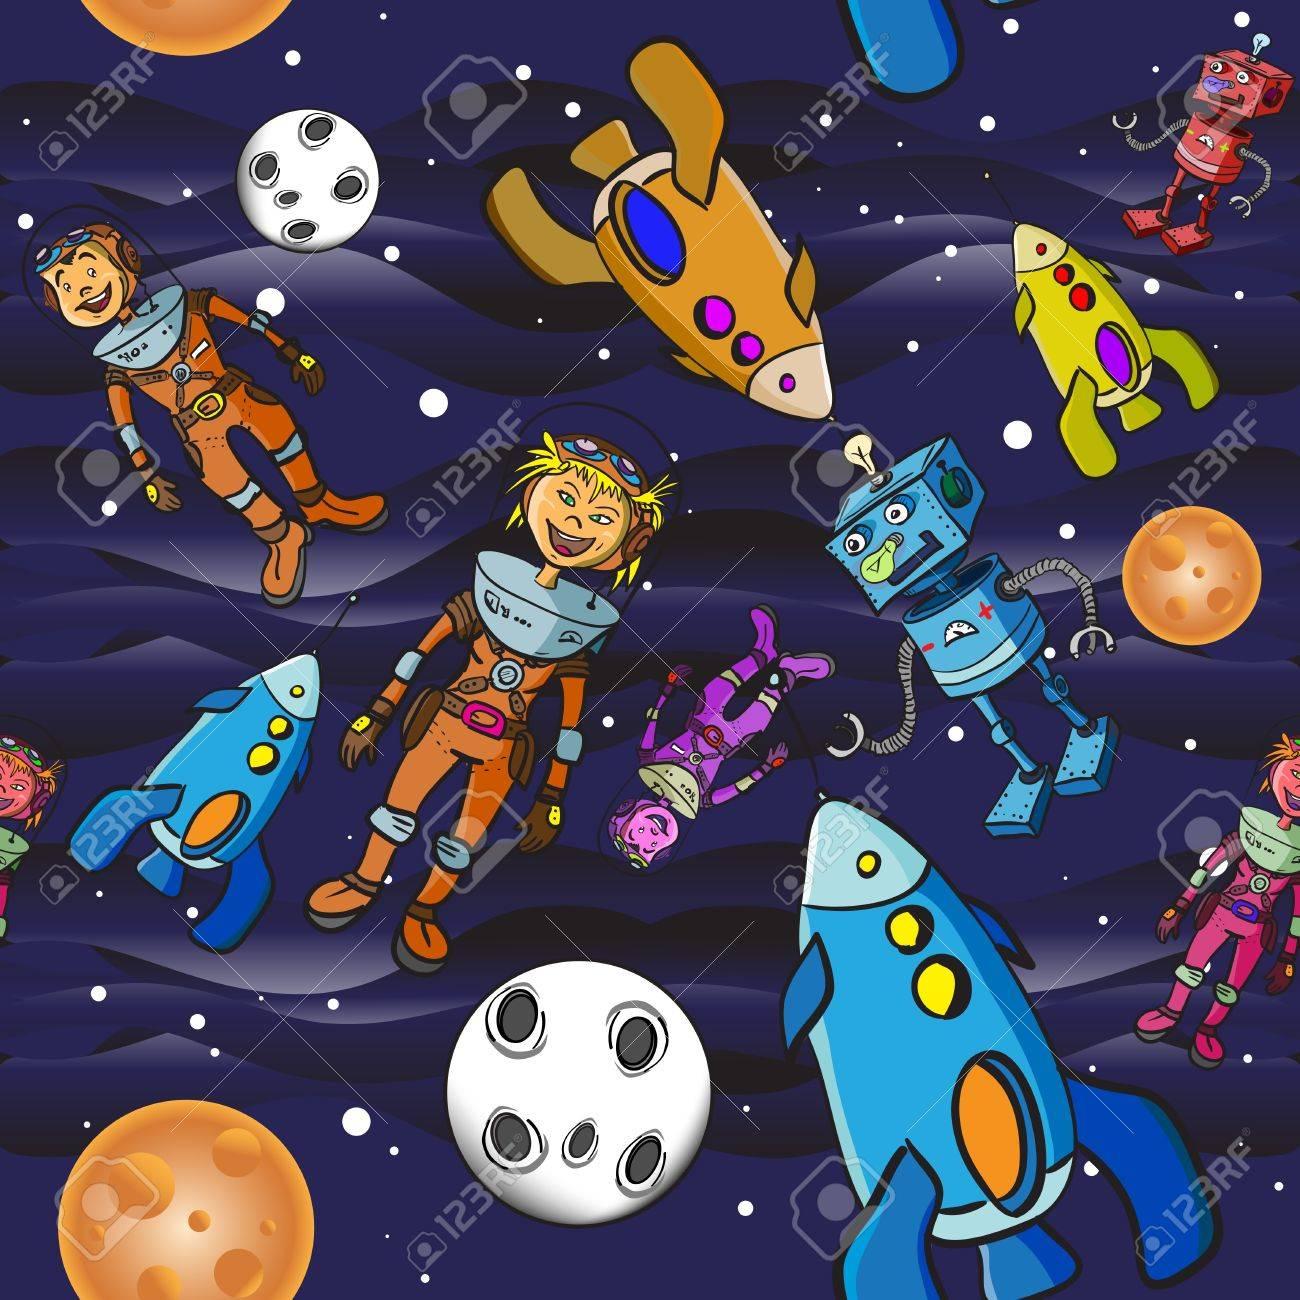 игры для маленьких детей до 5 лет играть